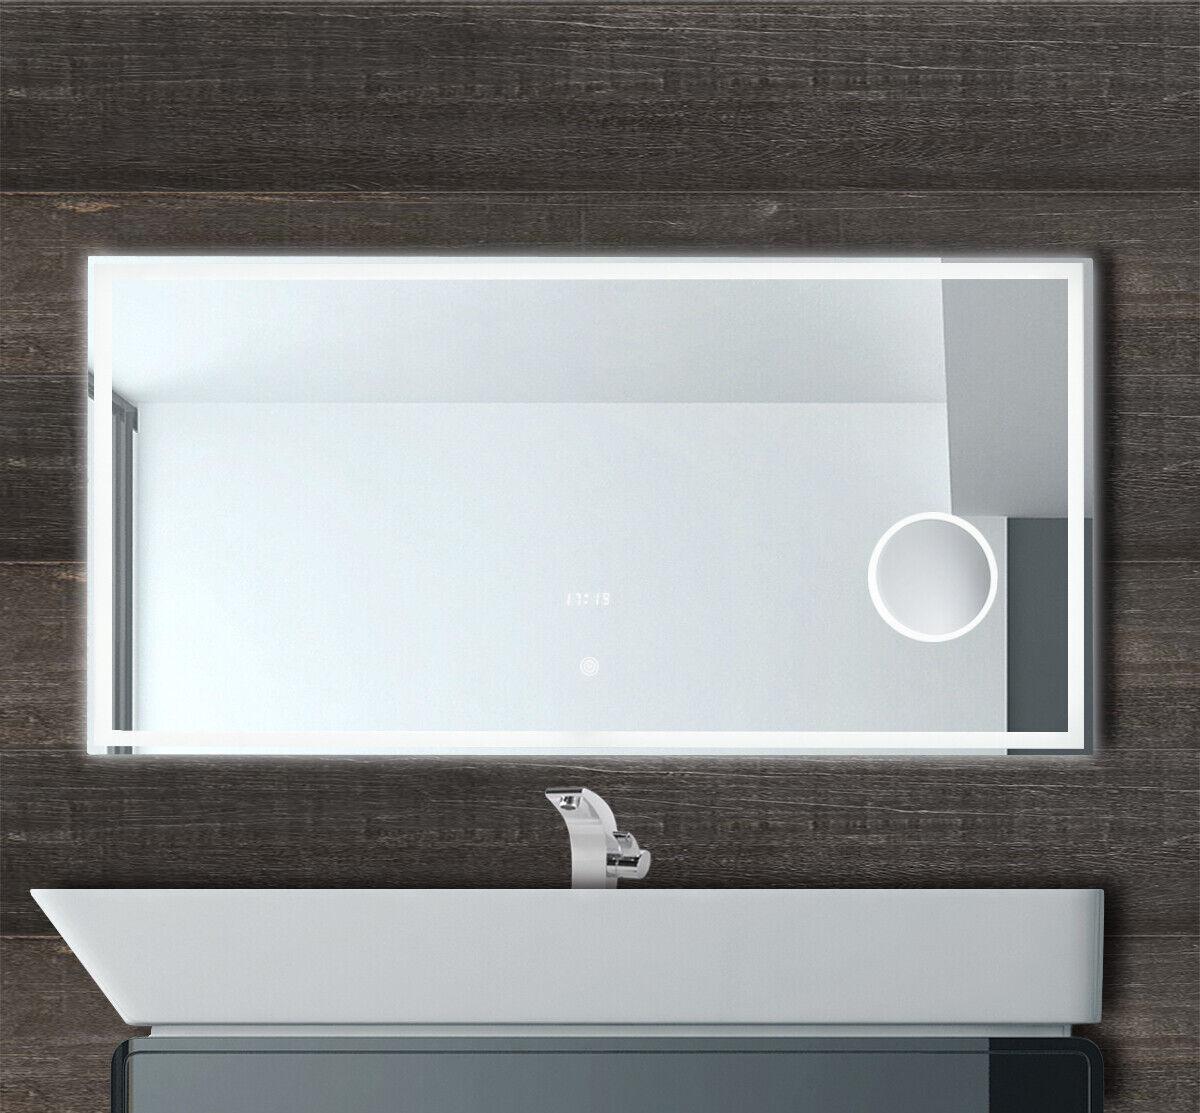 LED Badspiegel Wandspiegel mit Beleuchtung Uhr Touch Schalter Schminkspiegel